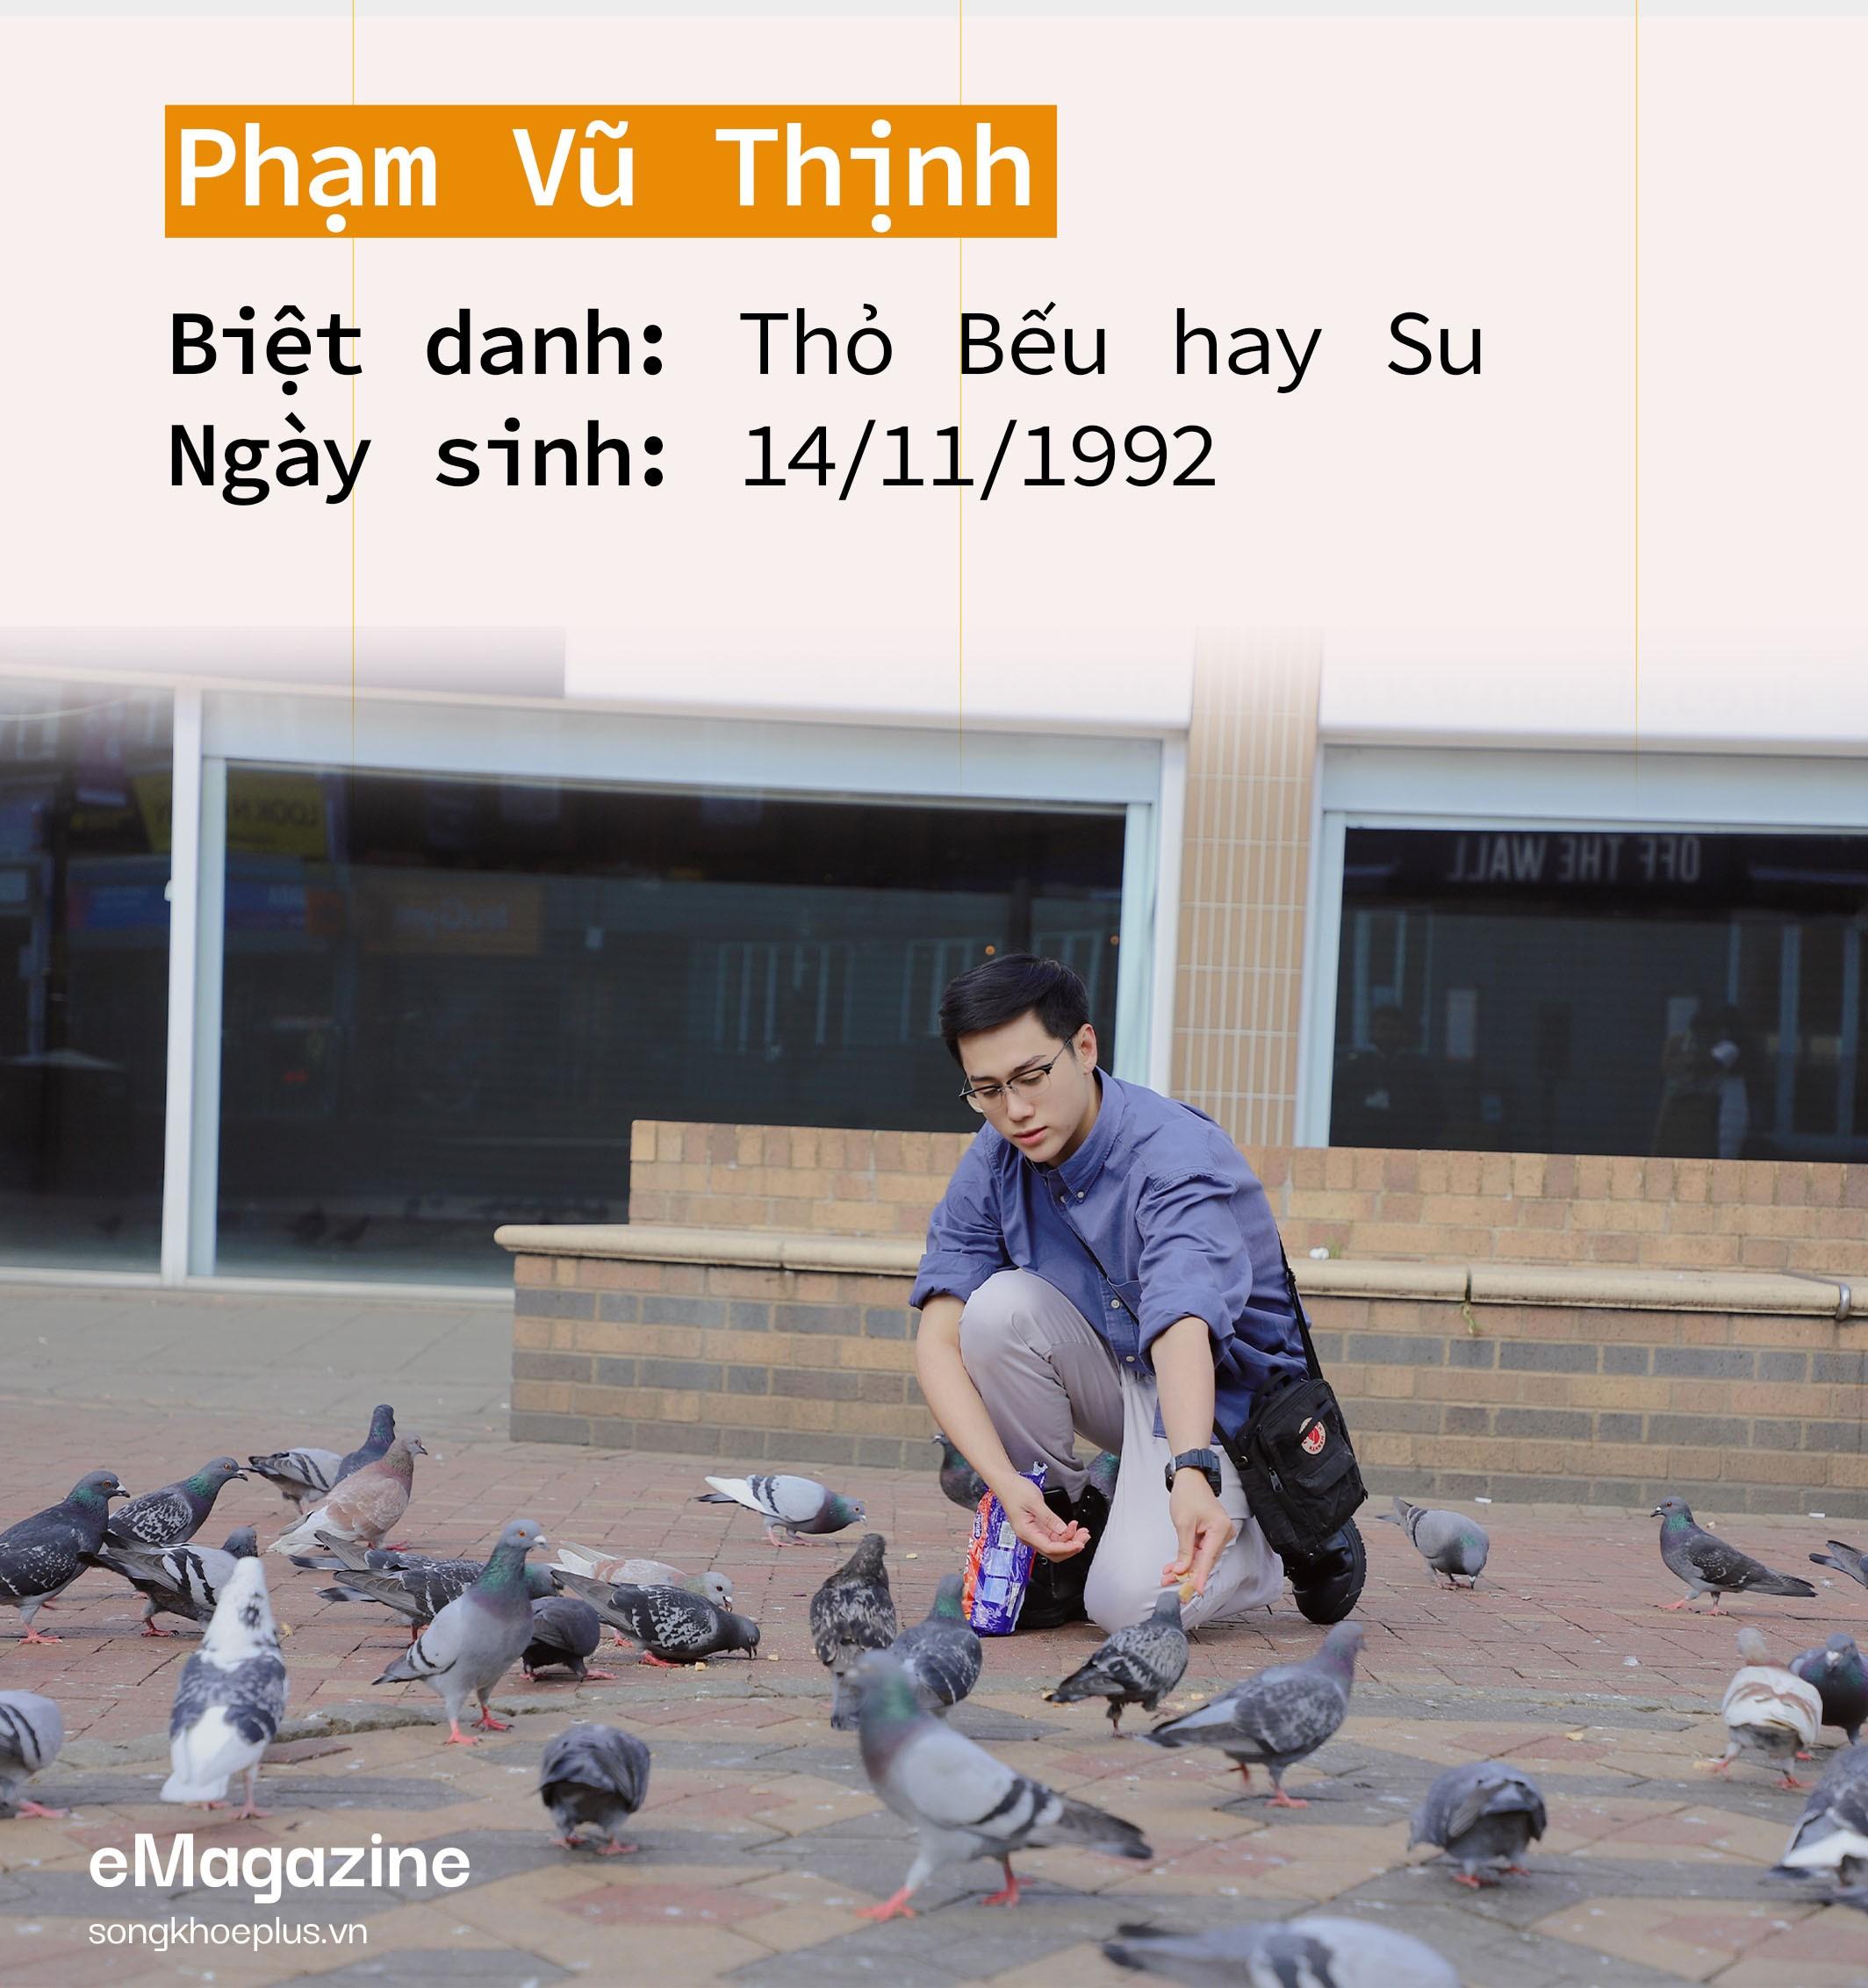 pham-vu-thinh-songkhoeplusvn-1621040556.jpg